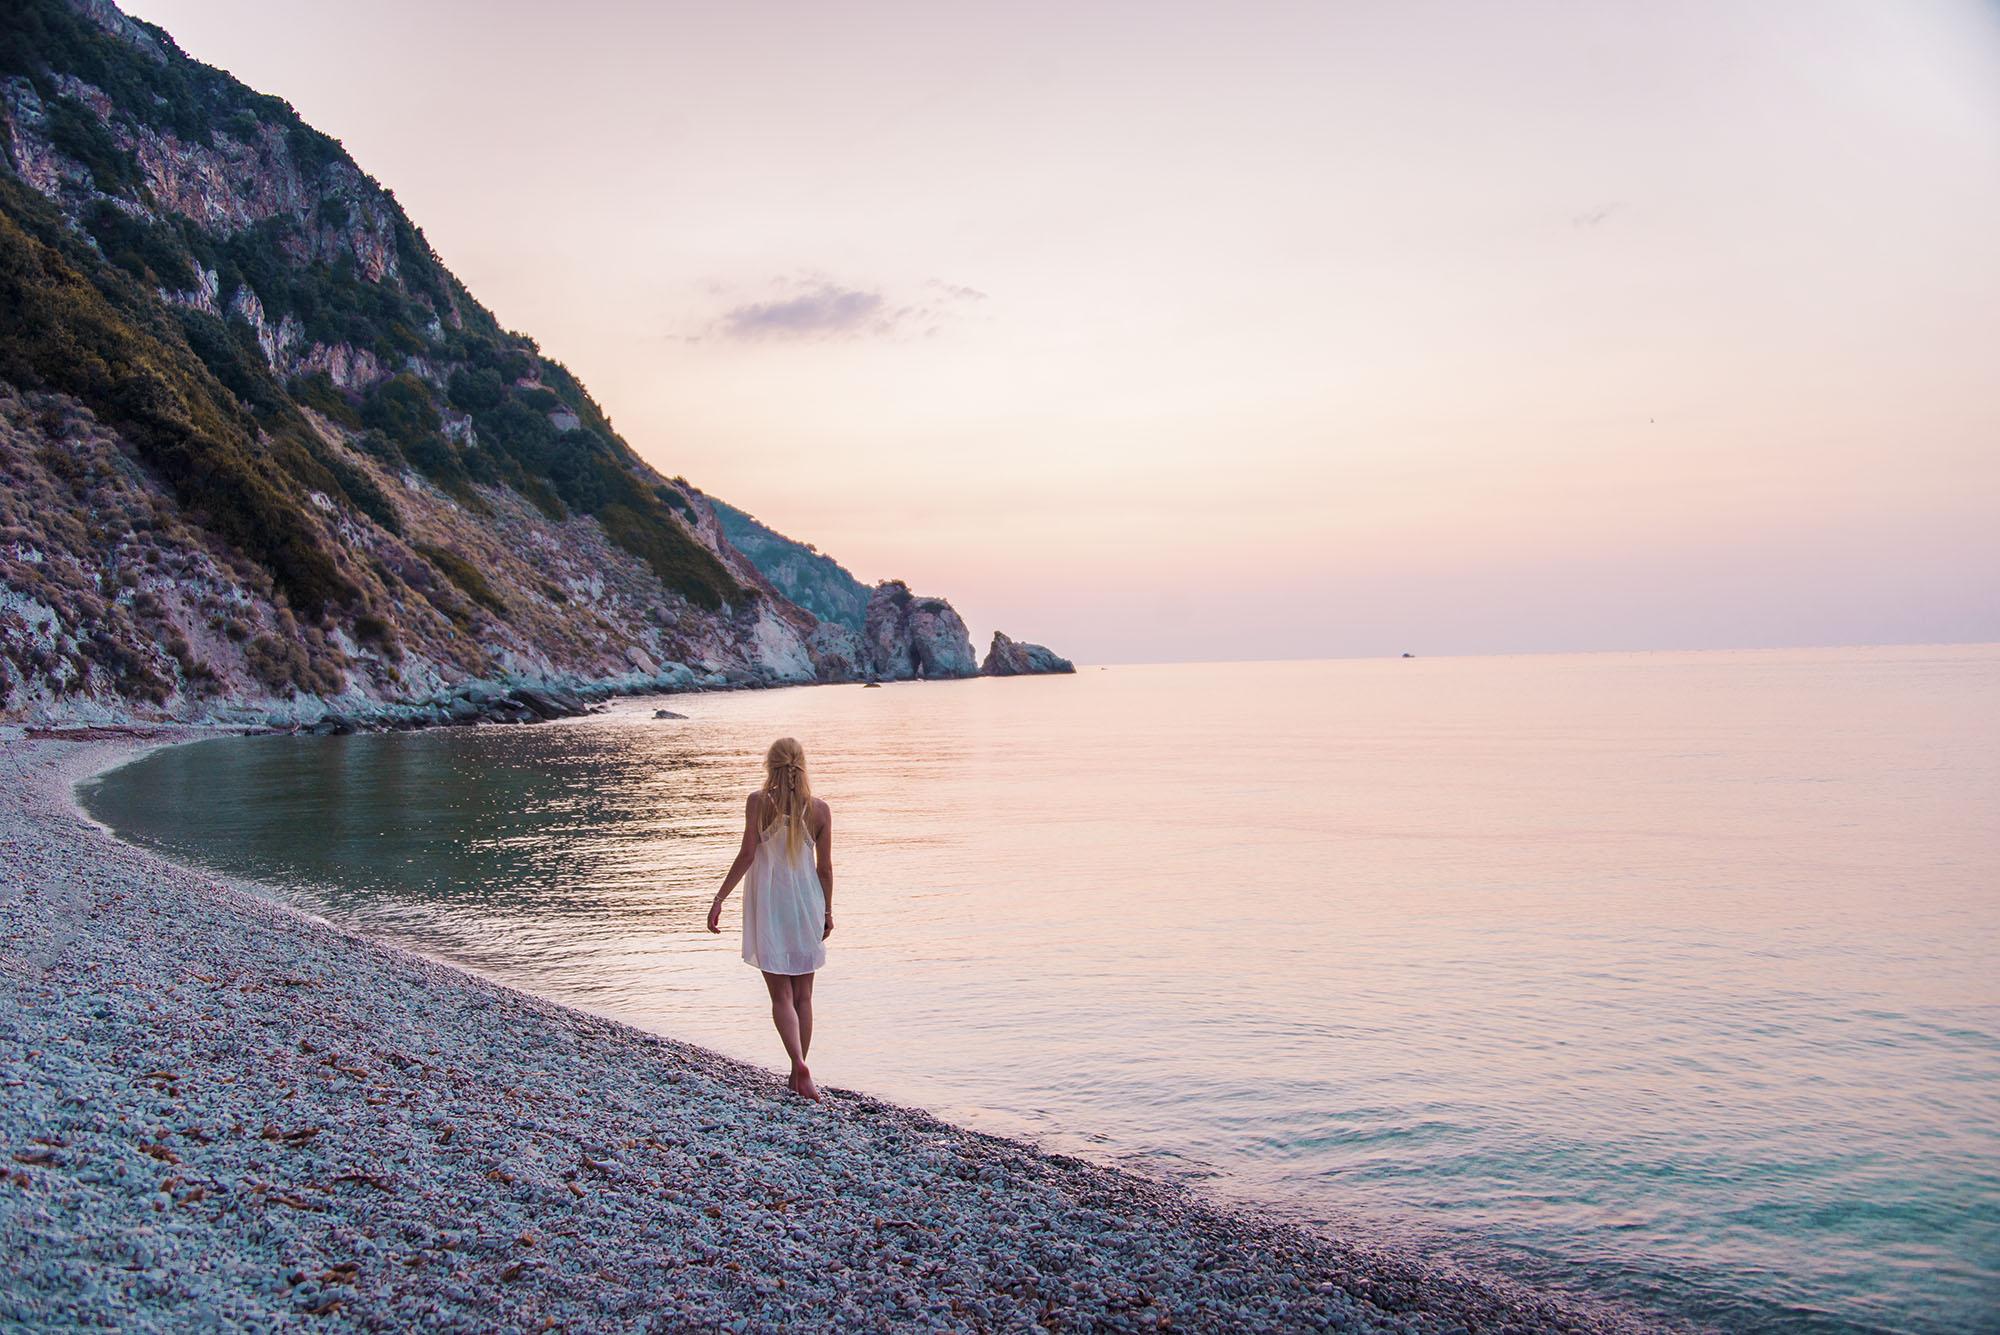 Kvällspromenad på Sansone beach.